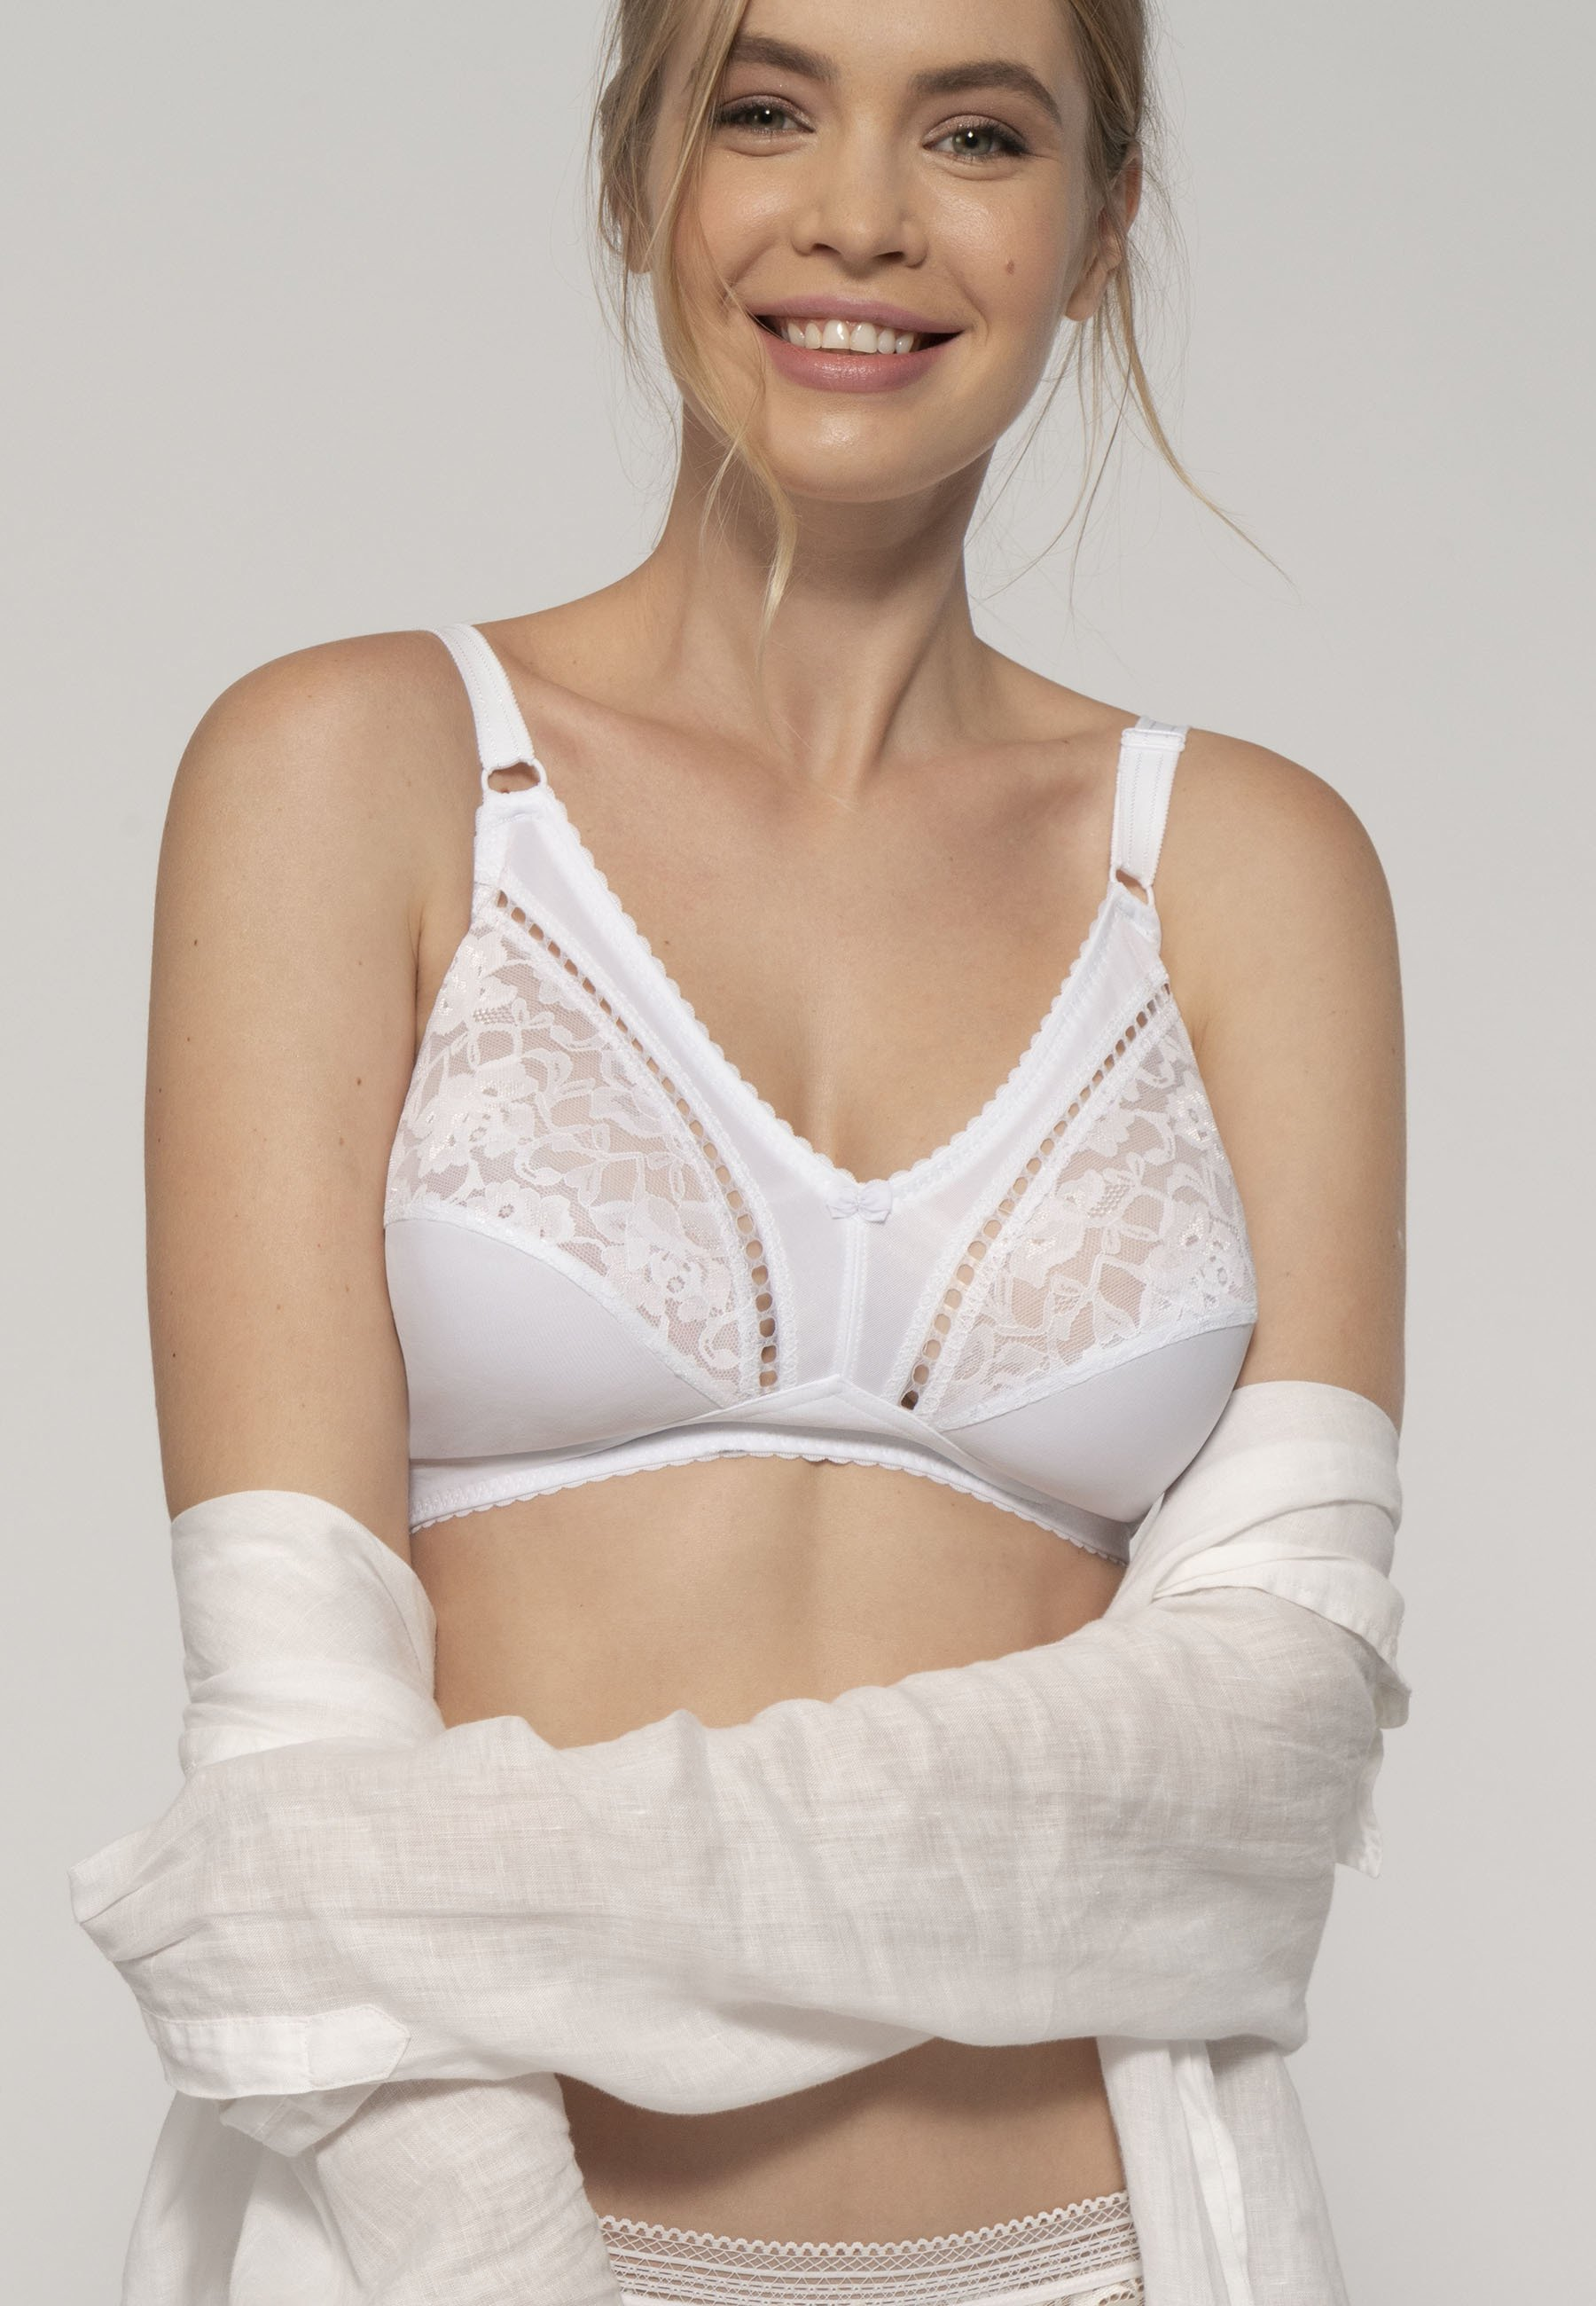 Femme MADELINE  - Soutien-gorge triangle